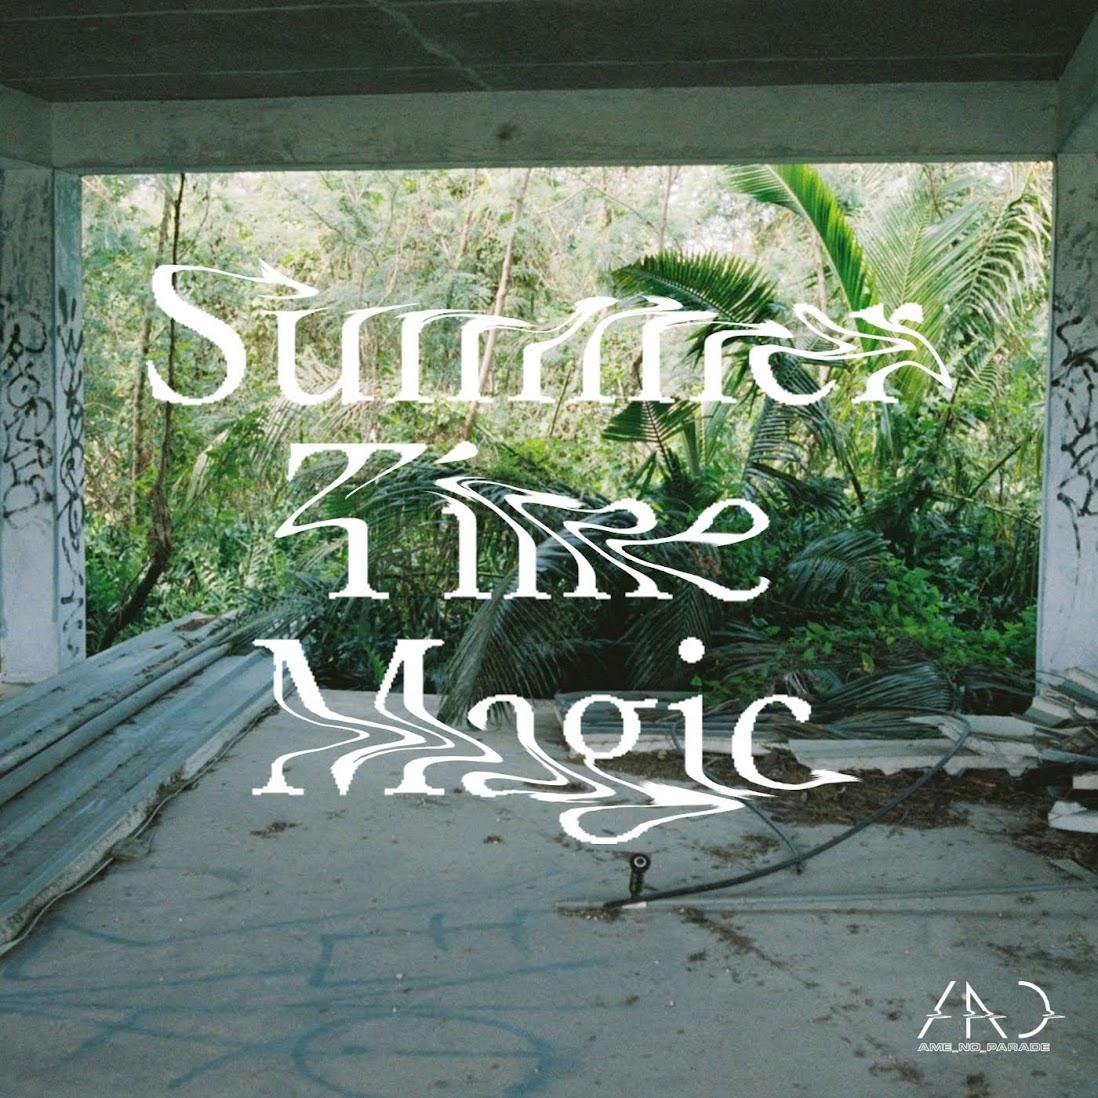 雨のバラード 雨的遊行 夏日單曲〈Summer Time Magic〉全新Acoustic版新上架!